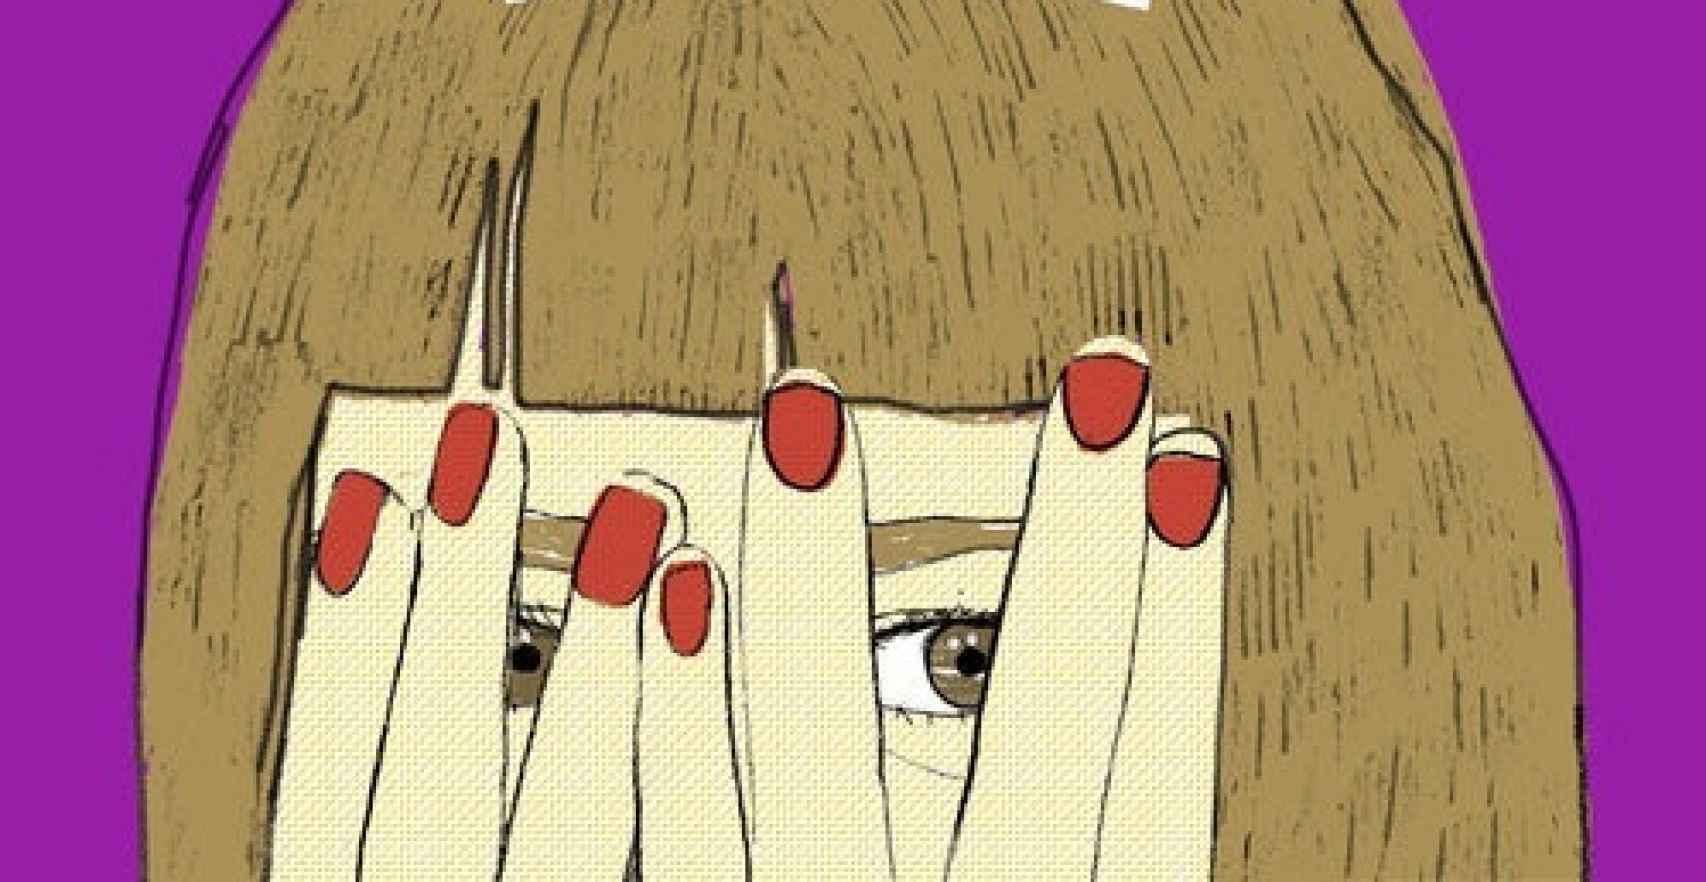 Fragmento del libro La chica miedosa que fingía ser valiente muy mal.